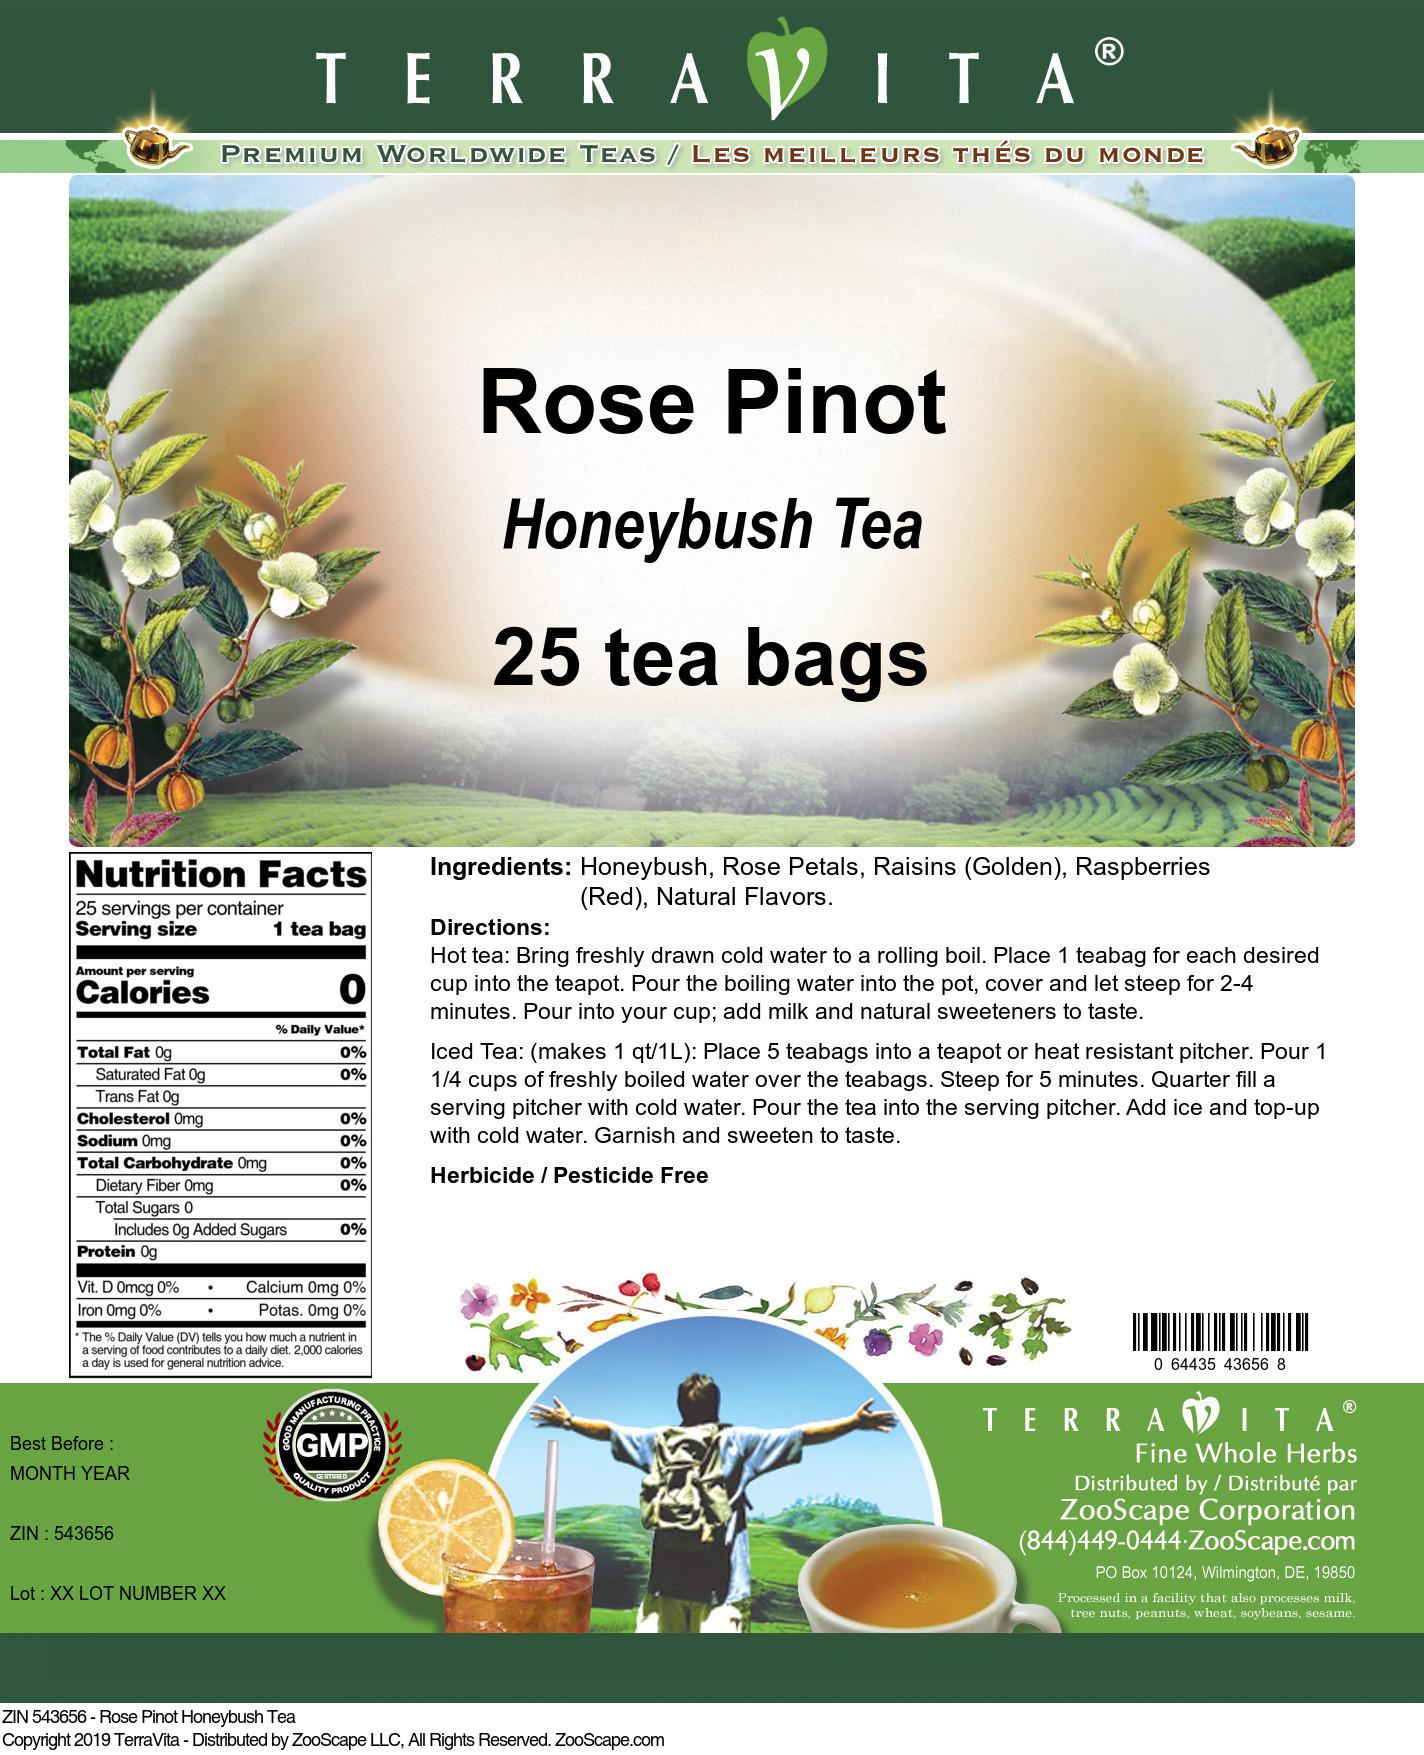 Rose Pinot Honeybush Tea